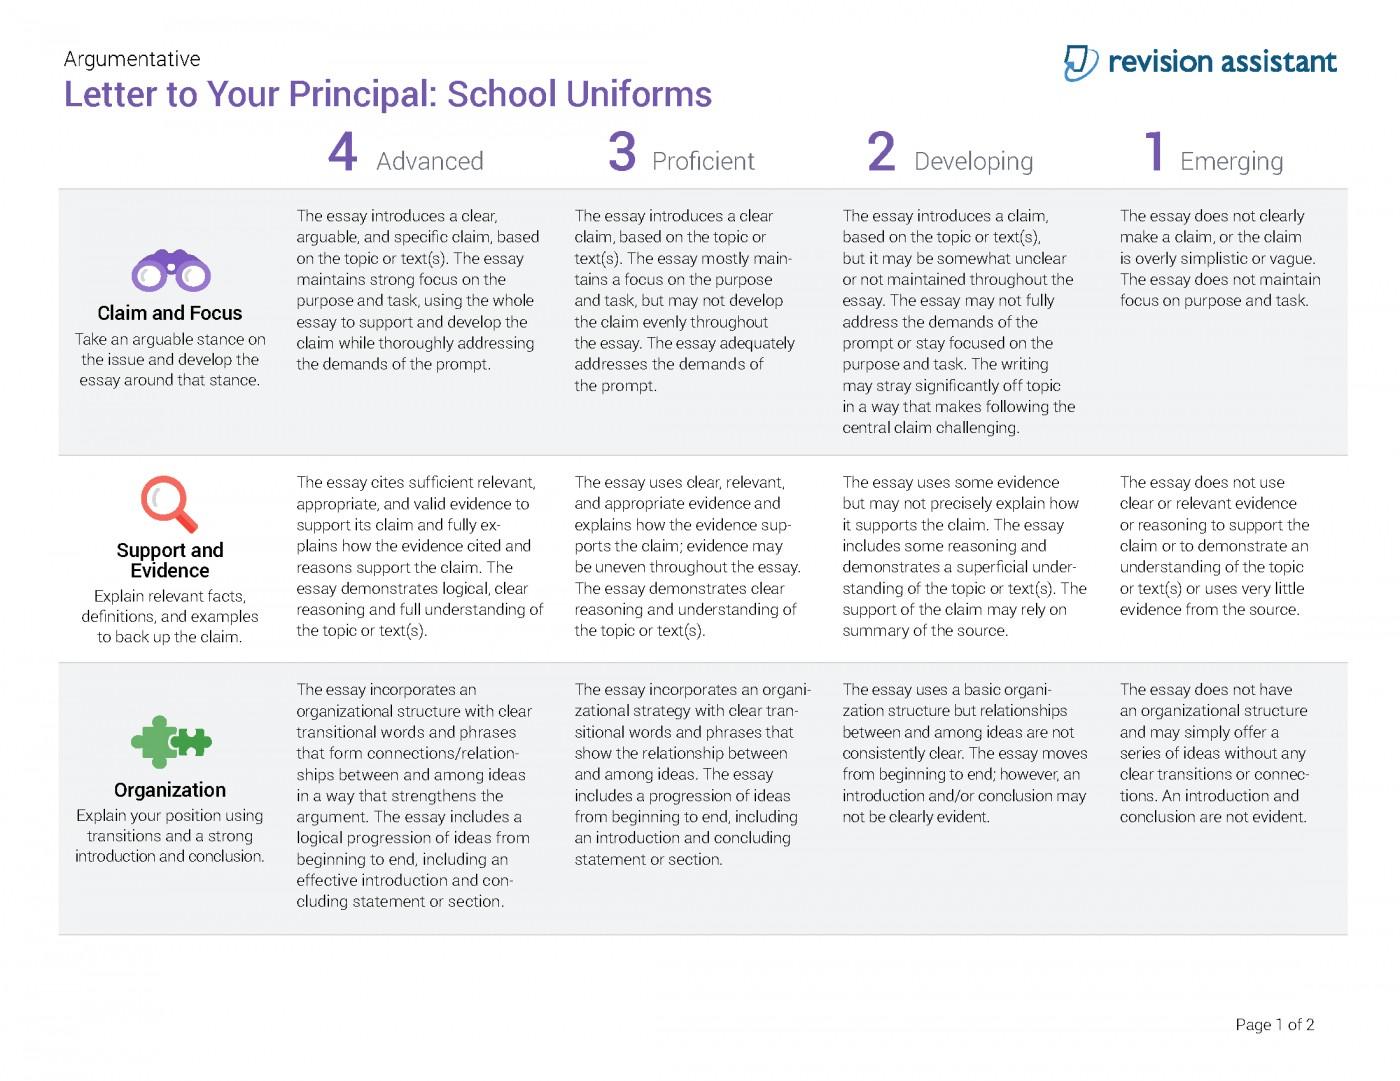 010 Should Students Wear School Uniforms Essay Argumentative Letter To Your Principal Have Persuasive Schooluniforms Spot Rubric 22 P Conclusion Not Impressive Pdf High 1400